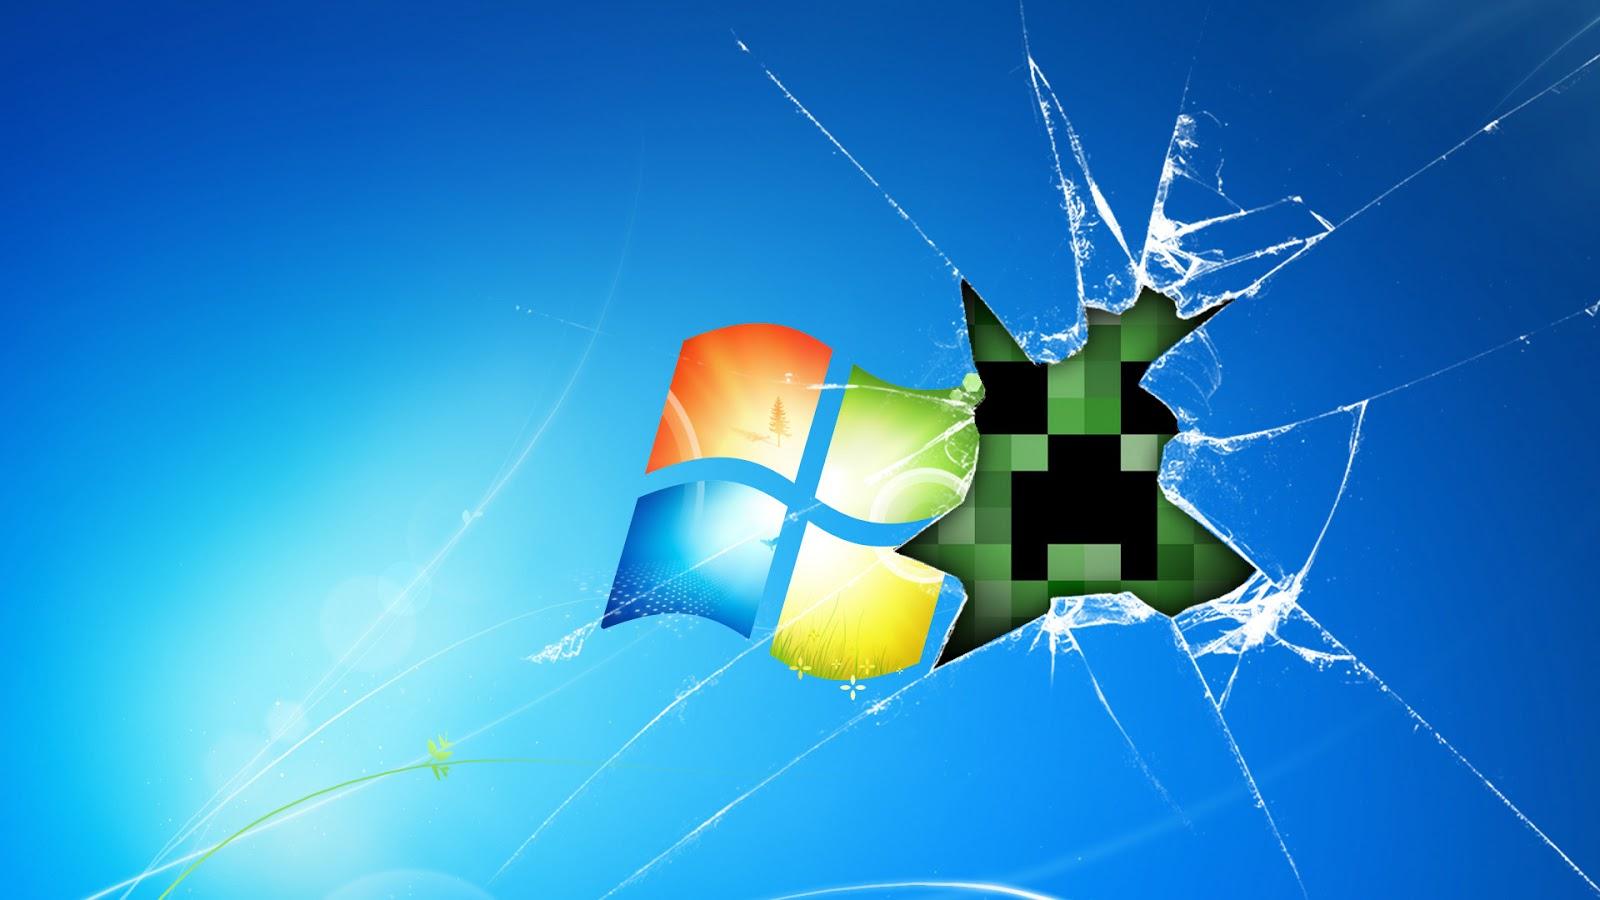 破碎屏幕动漫壁纸_跪求这张动漫破碎壁纸的原图_百度知道